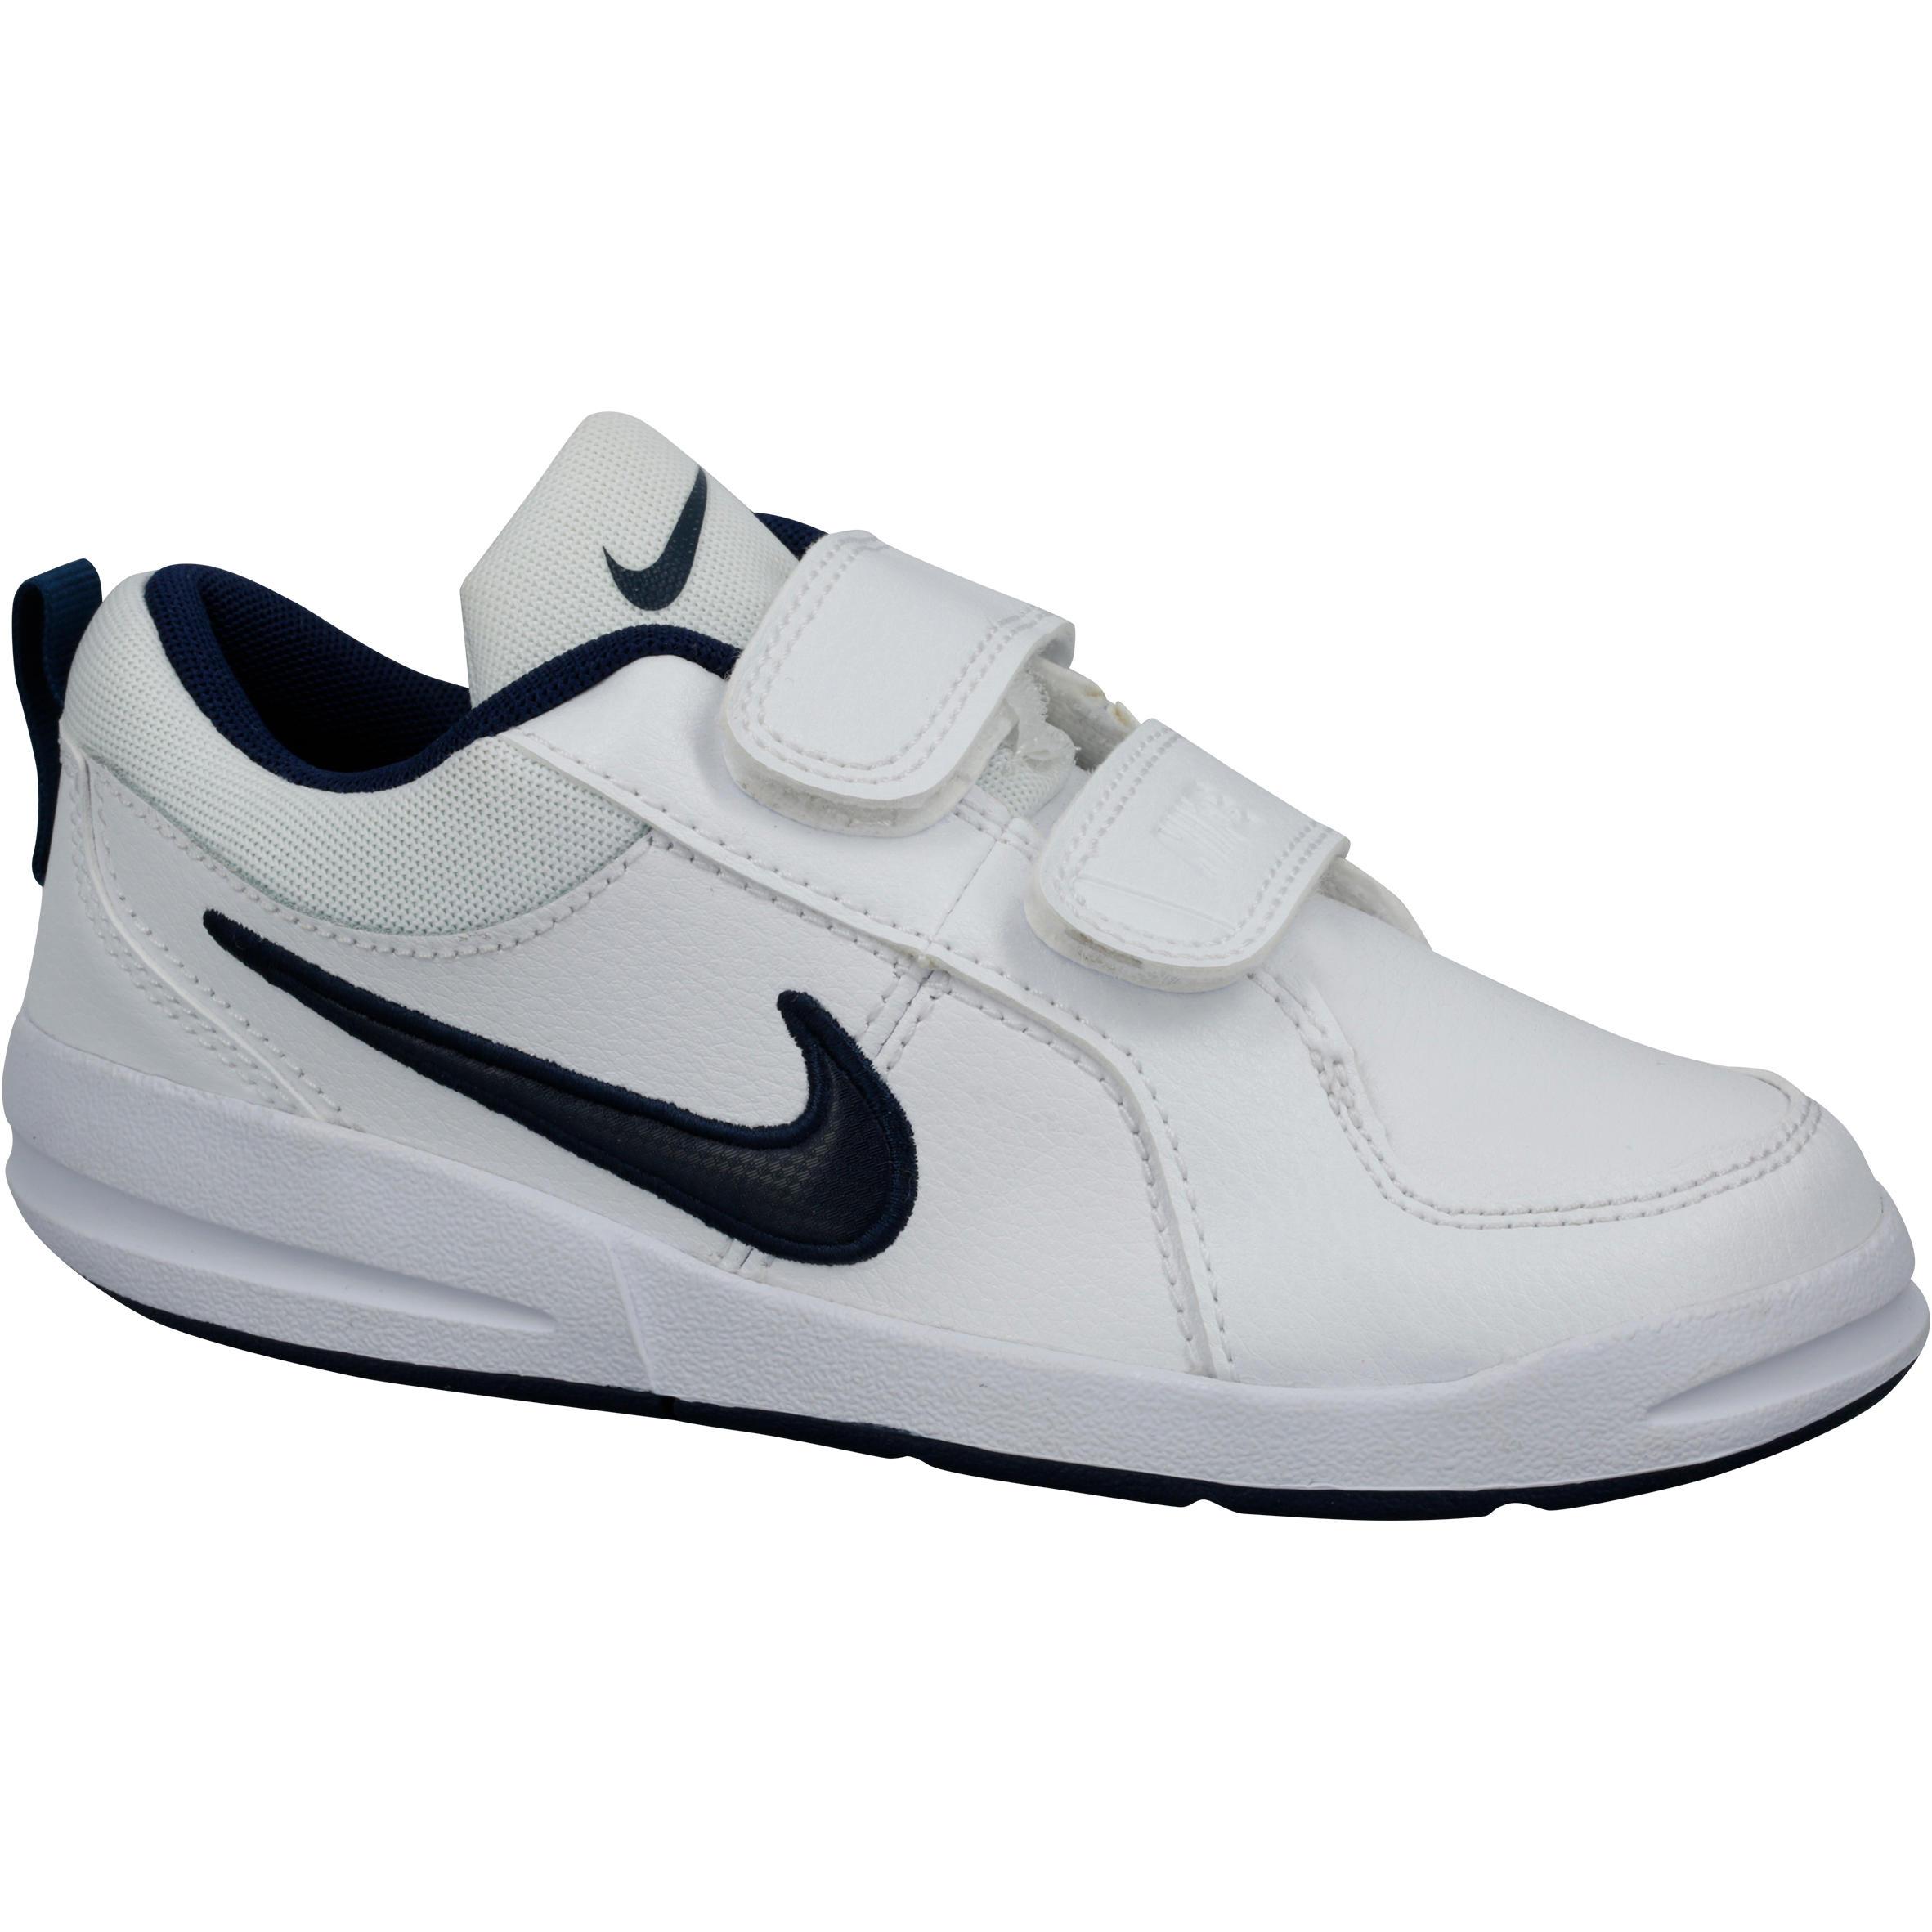 Nike Tennisschoenen voor kinderen Pico wit